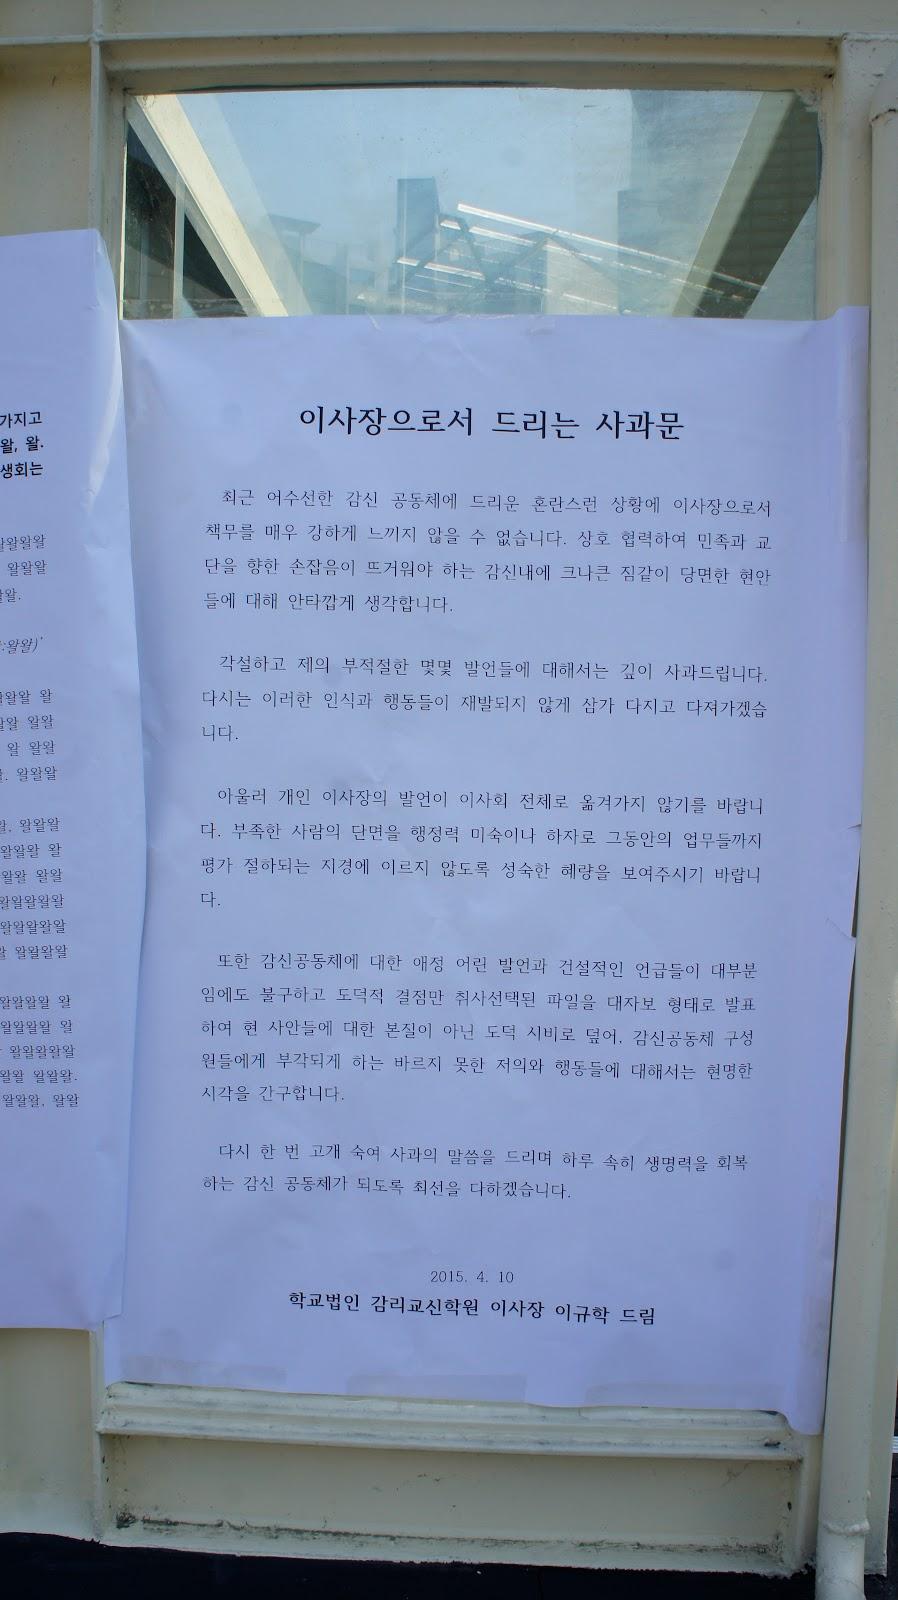 2015년 4월 10일자 감리교신학원 이사장 이규학 사과문